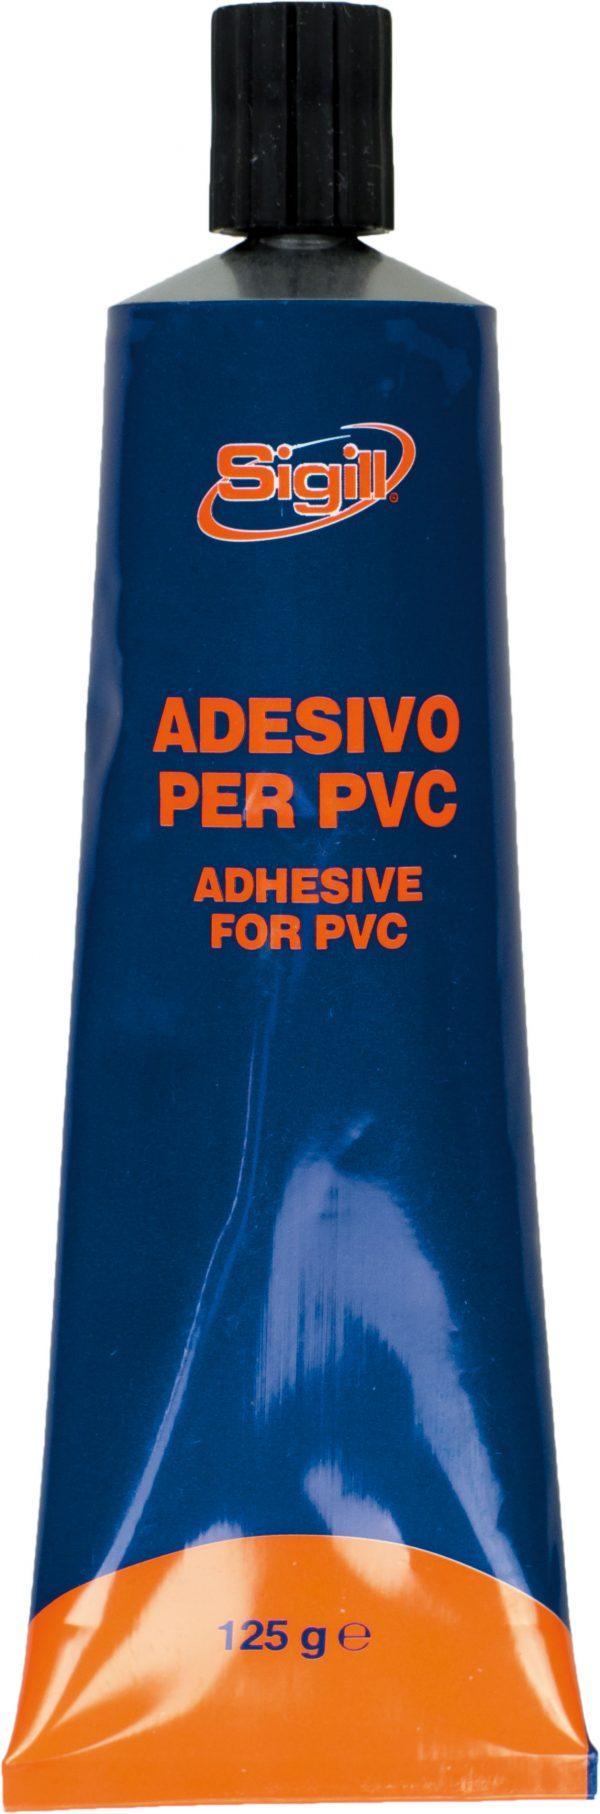 adesivo per pvc